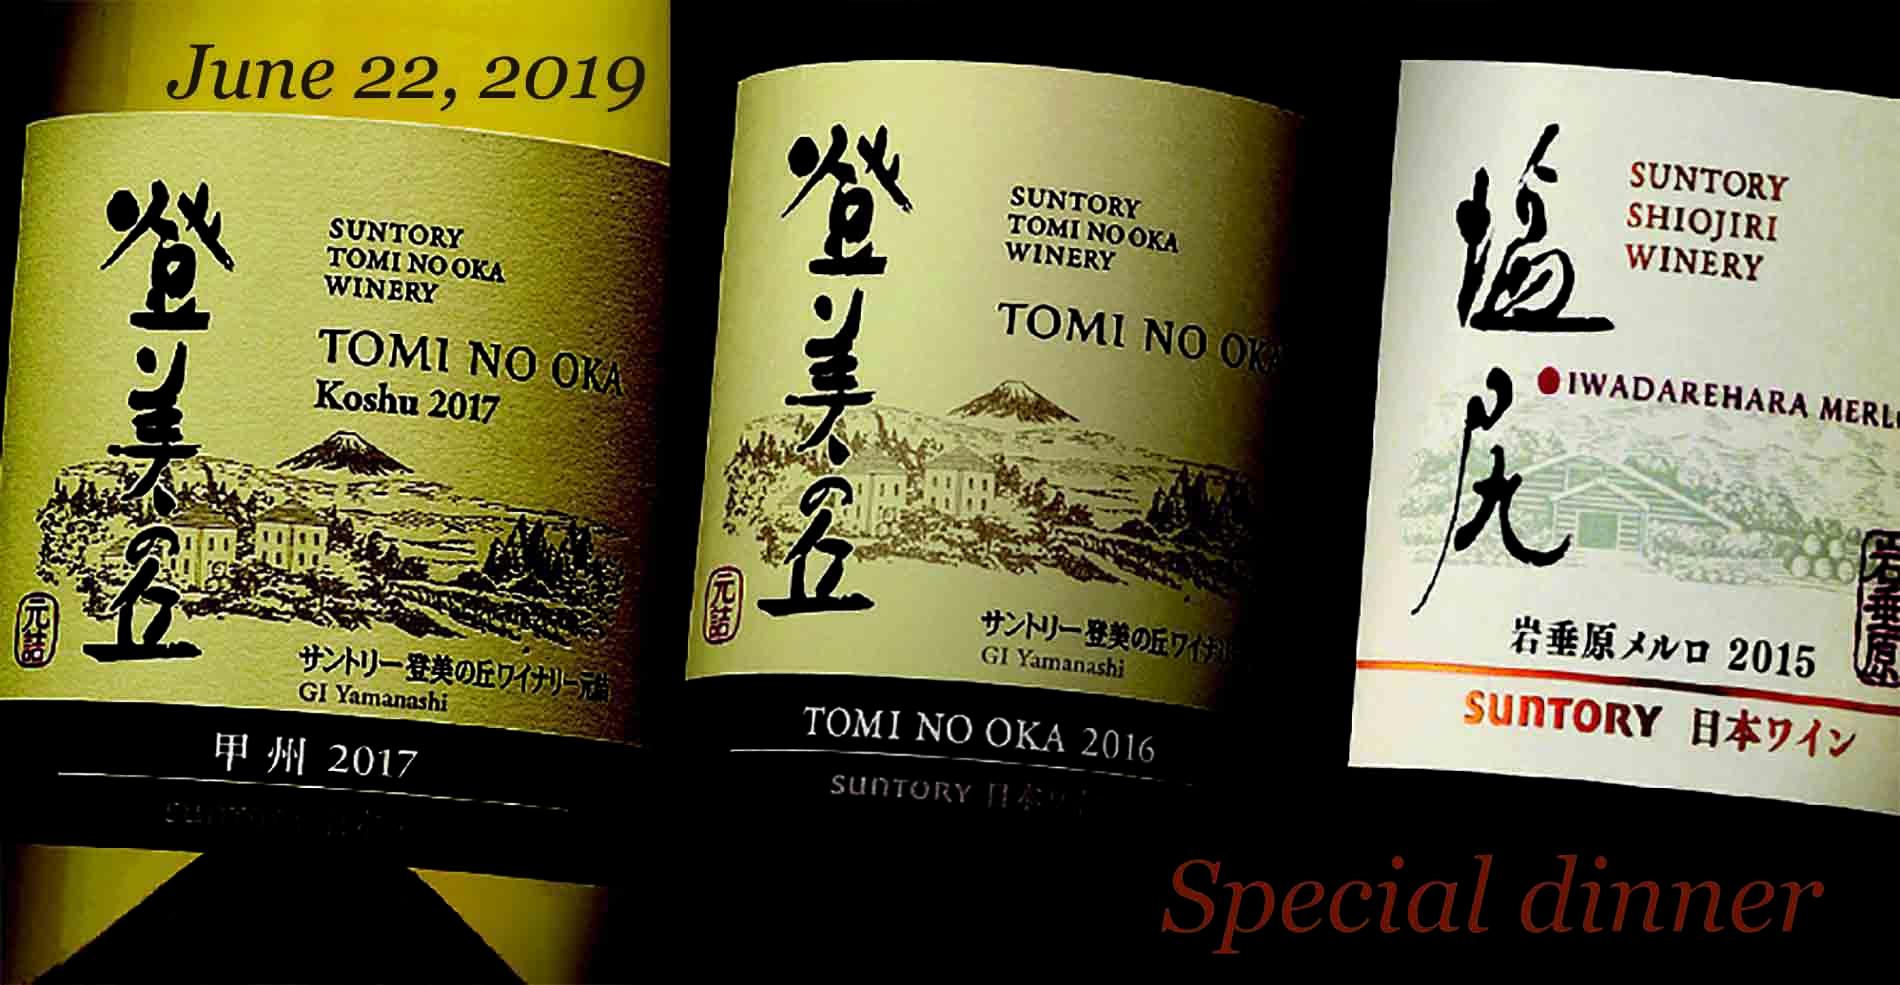 スペシャルディナー サントリー日本ワインとの至福のマリアージュ